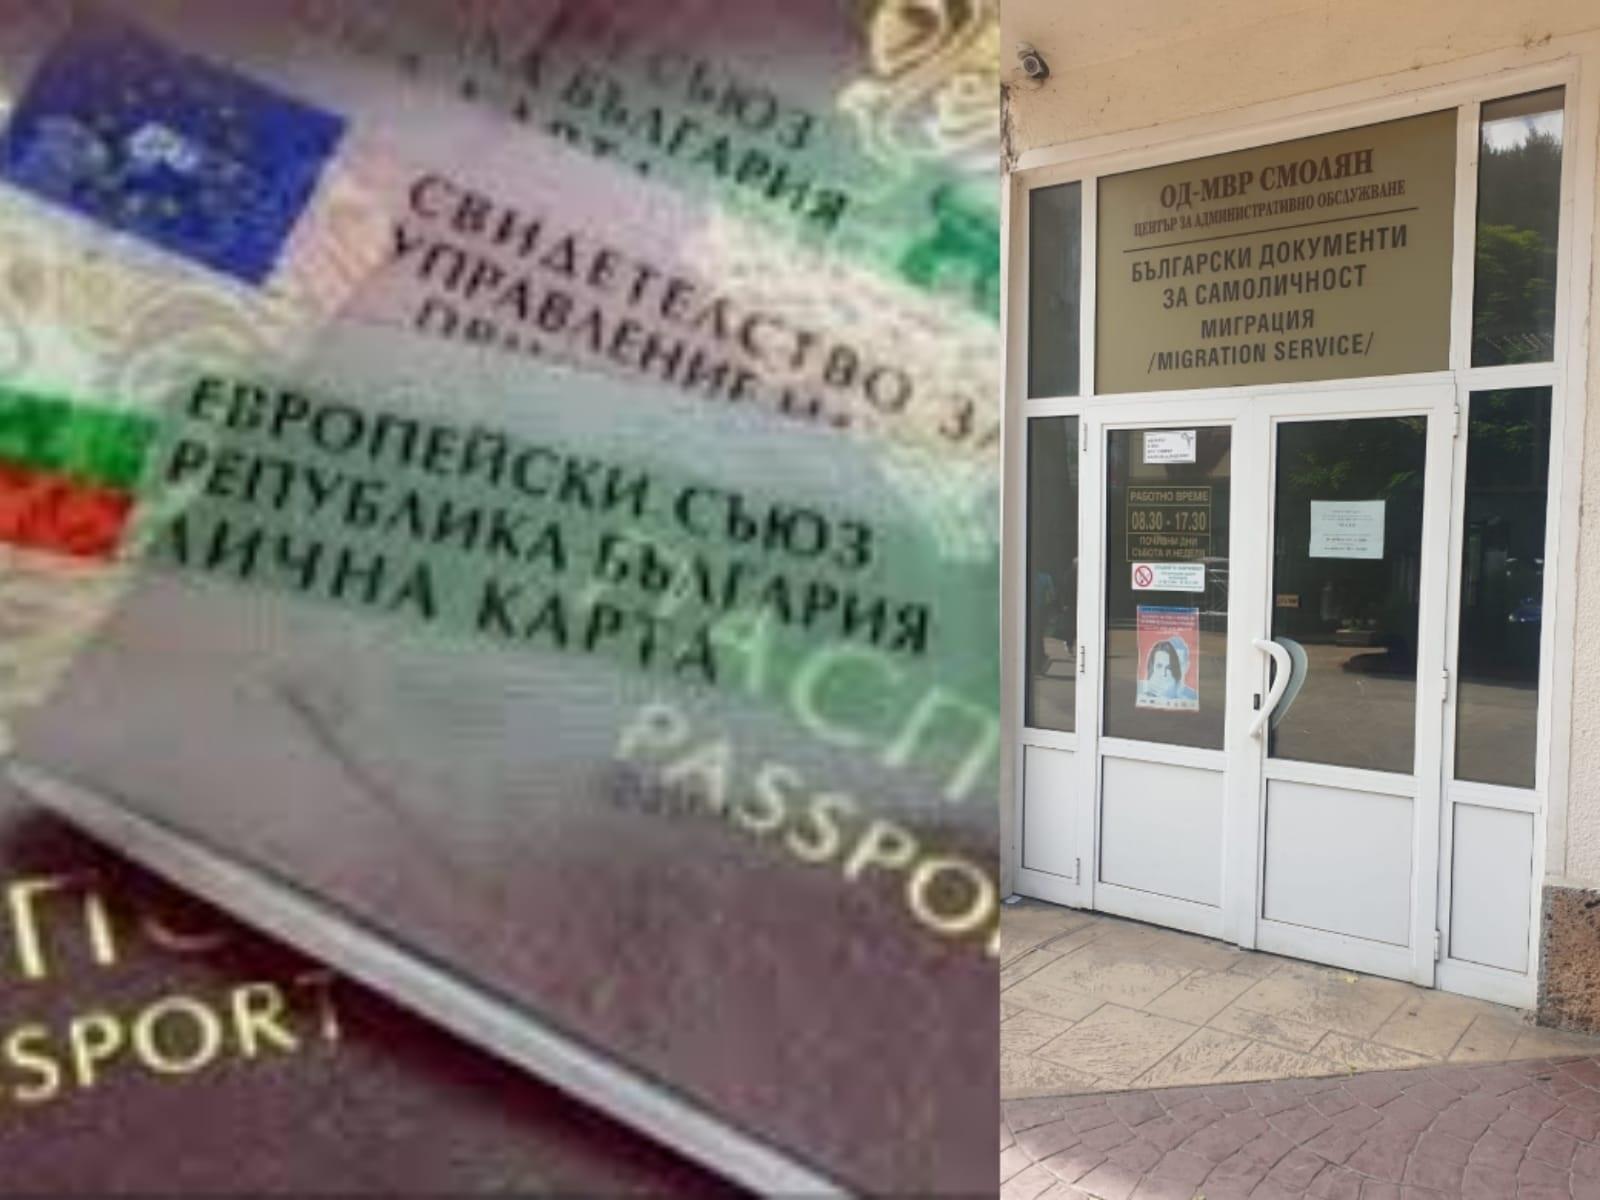 """Звената """"Български документи за самоличност"""" при Областна дирекция на МВР-Смолян ще съдействат на българските граждани, които не притежават валидни документи за самоличност, да упражнят правото си на глас в деня на изборите за Народно събрание"""